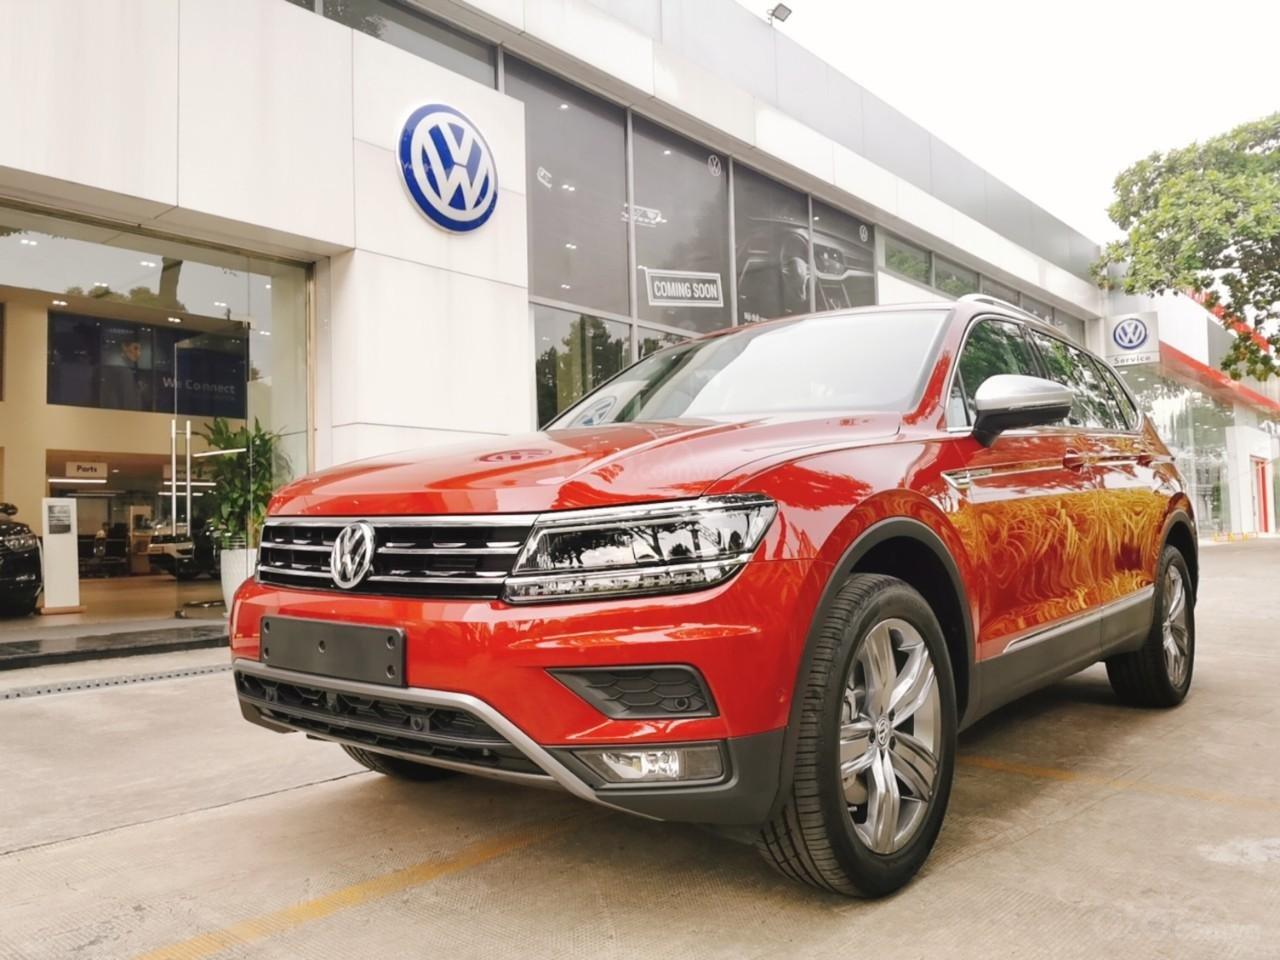 Ưu đãi lên đến 100tr Tiguan Luxury S màu đỏ ruby sang trọng, xe 7 chỗ, nhập khẩu, gầm cao offroad tốt, 2.0TSI (1)